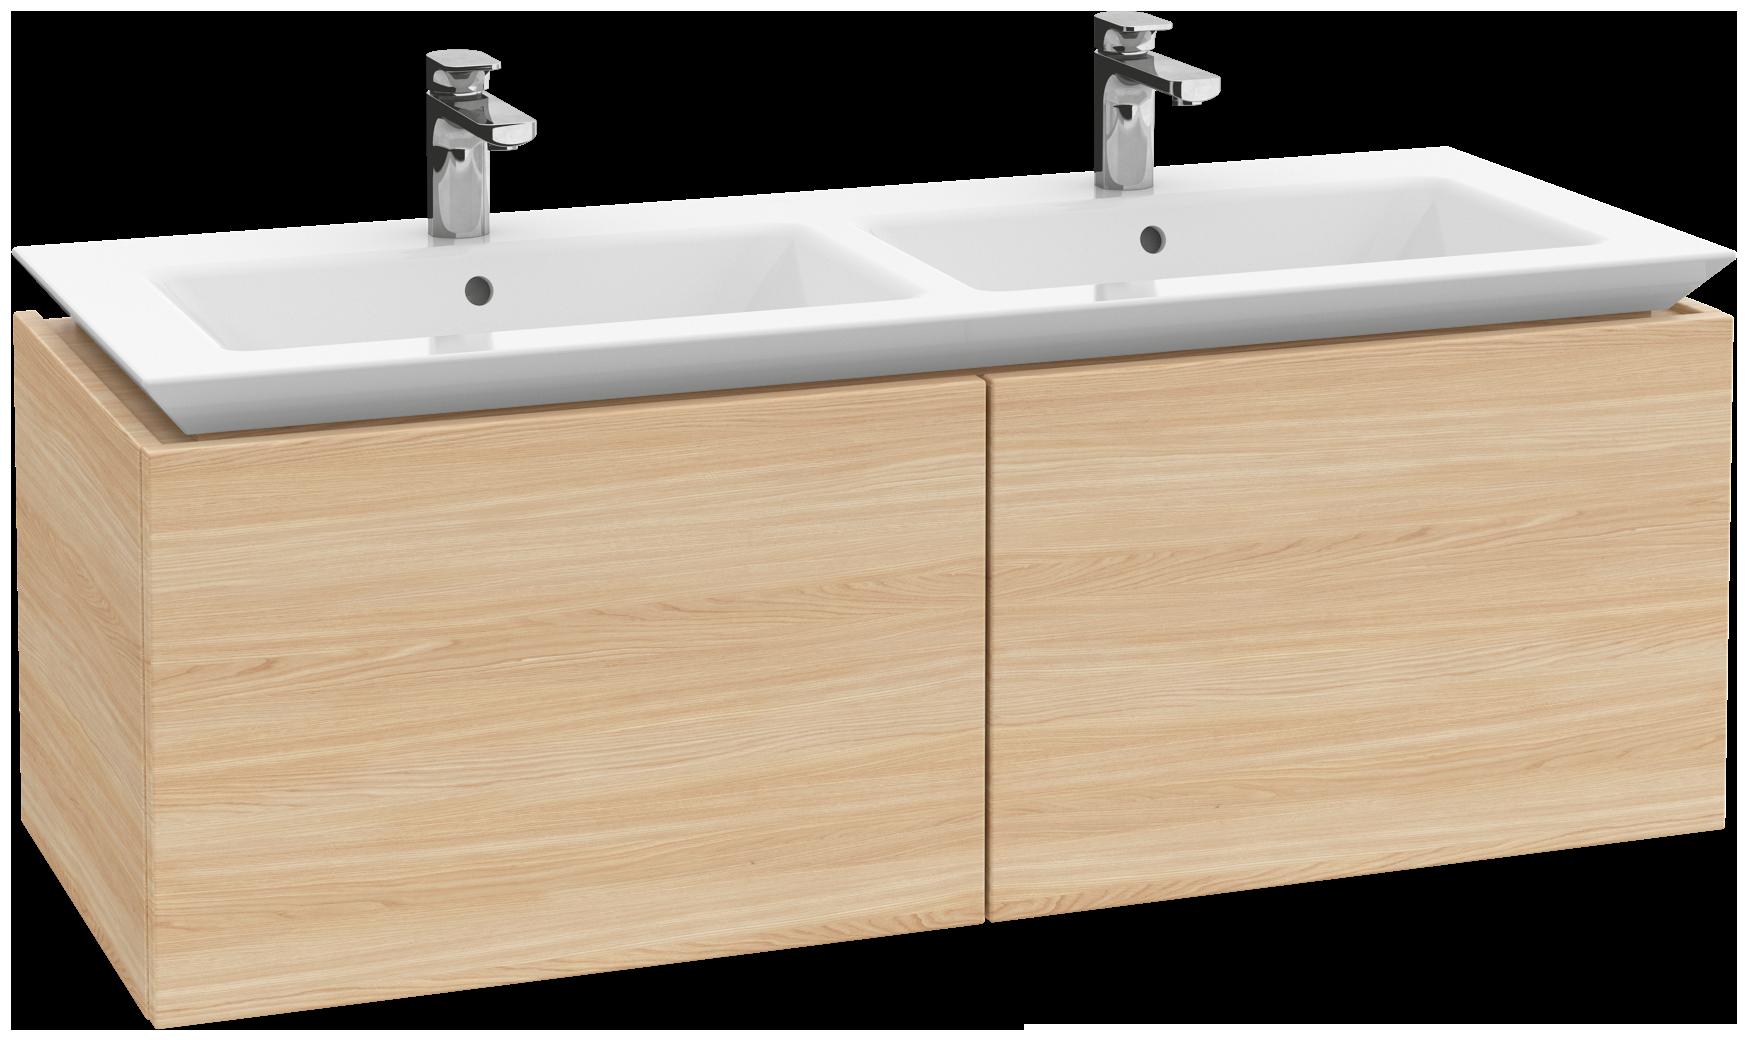 legato vanity unit b24200 villeroy boch. Black Bedroom Furniture Sets. Home Design Ideas